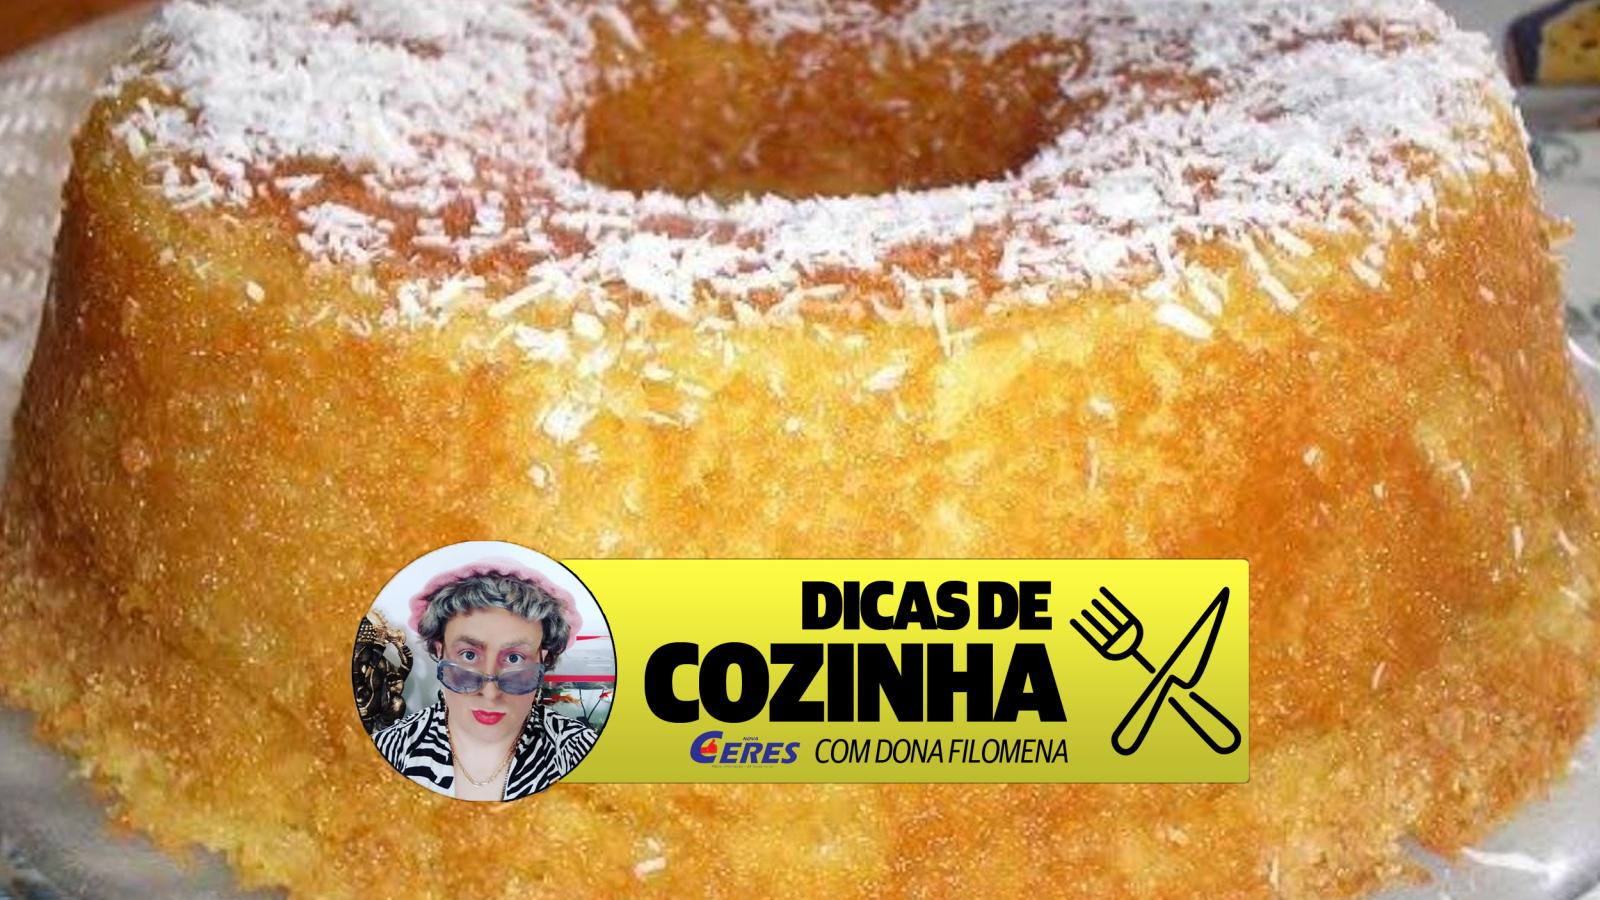 Dicas de Cozinha 11/05: Bolo de Coco